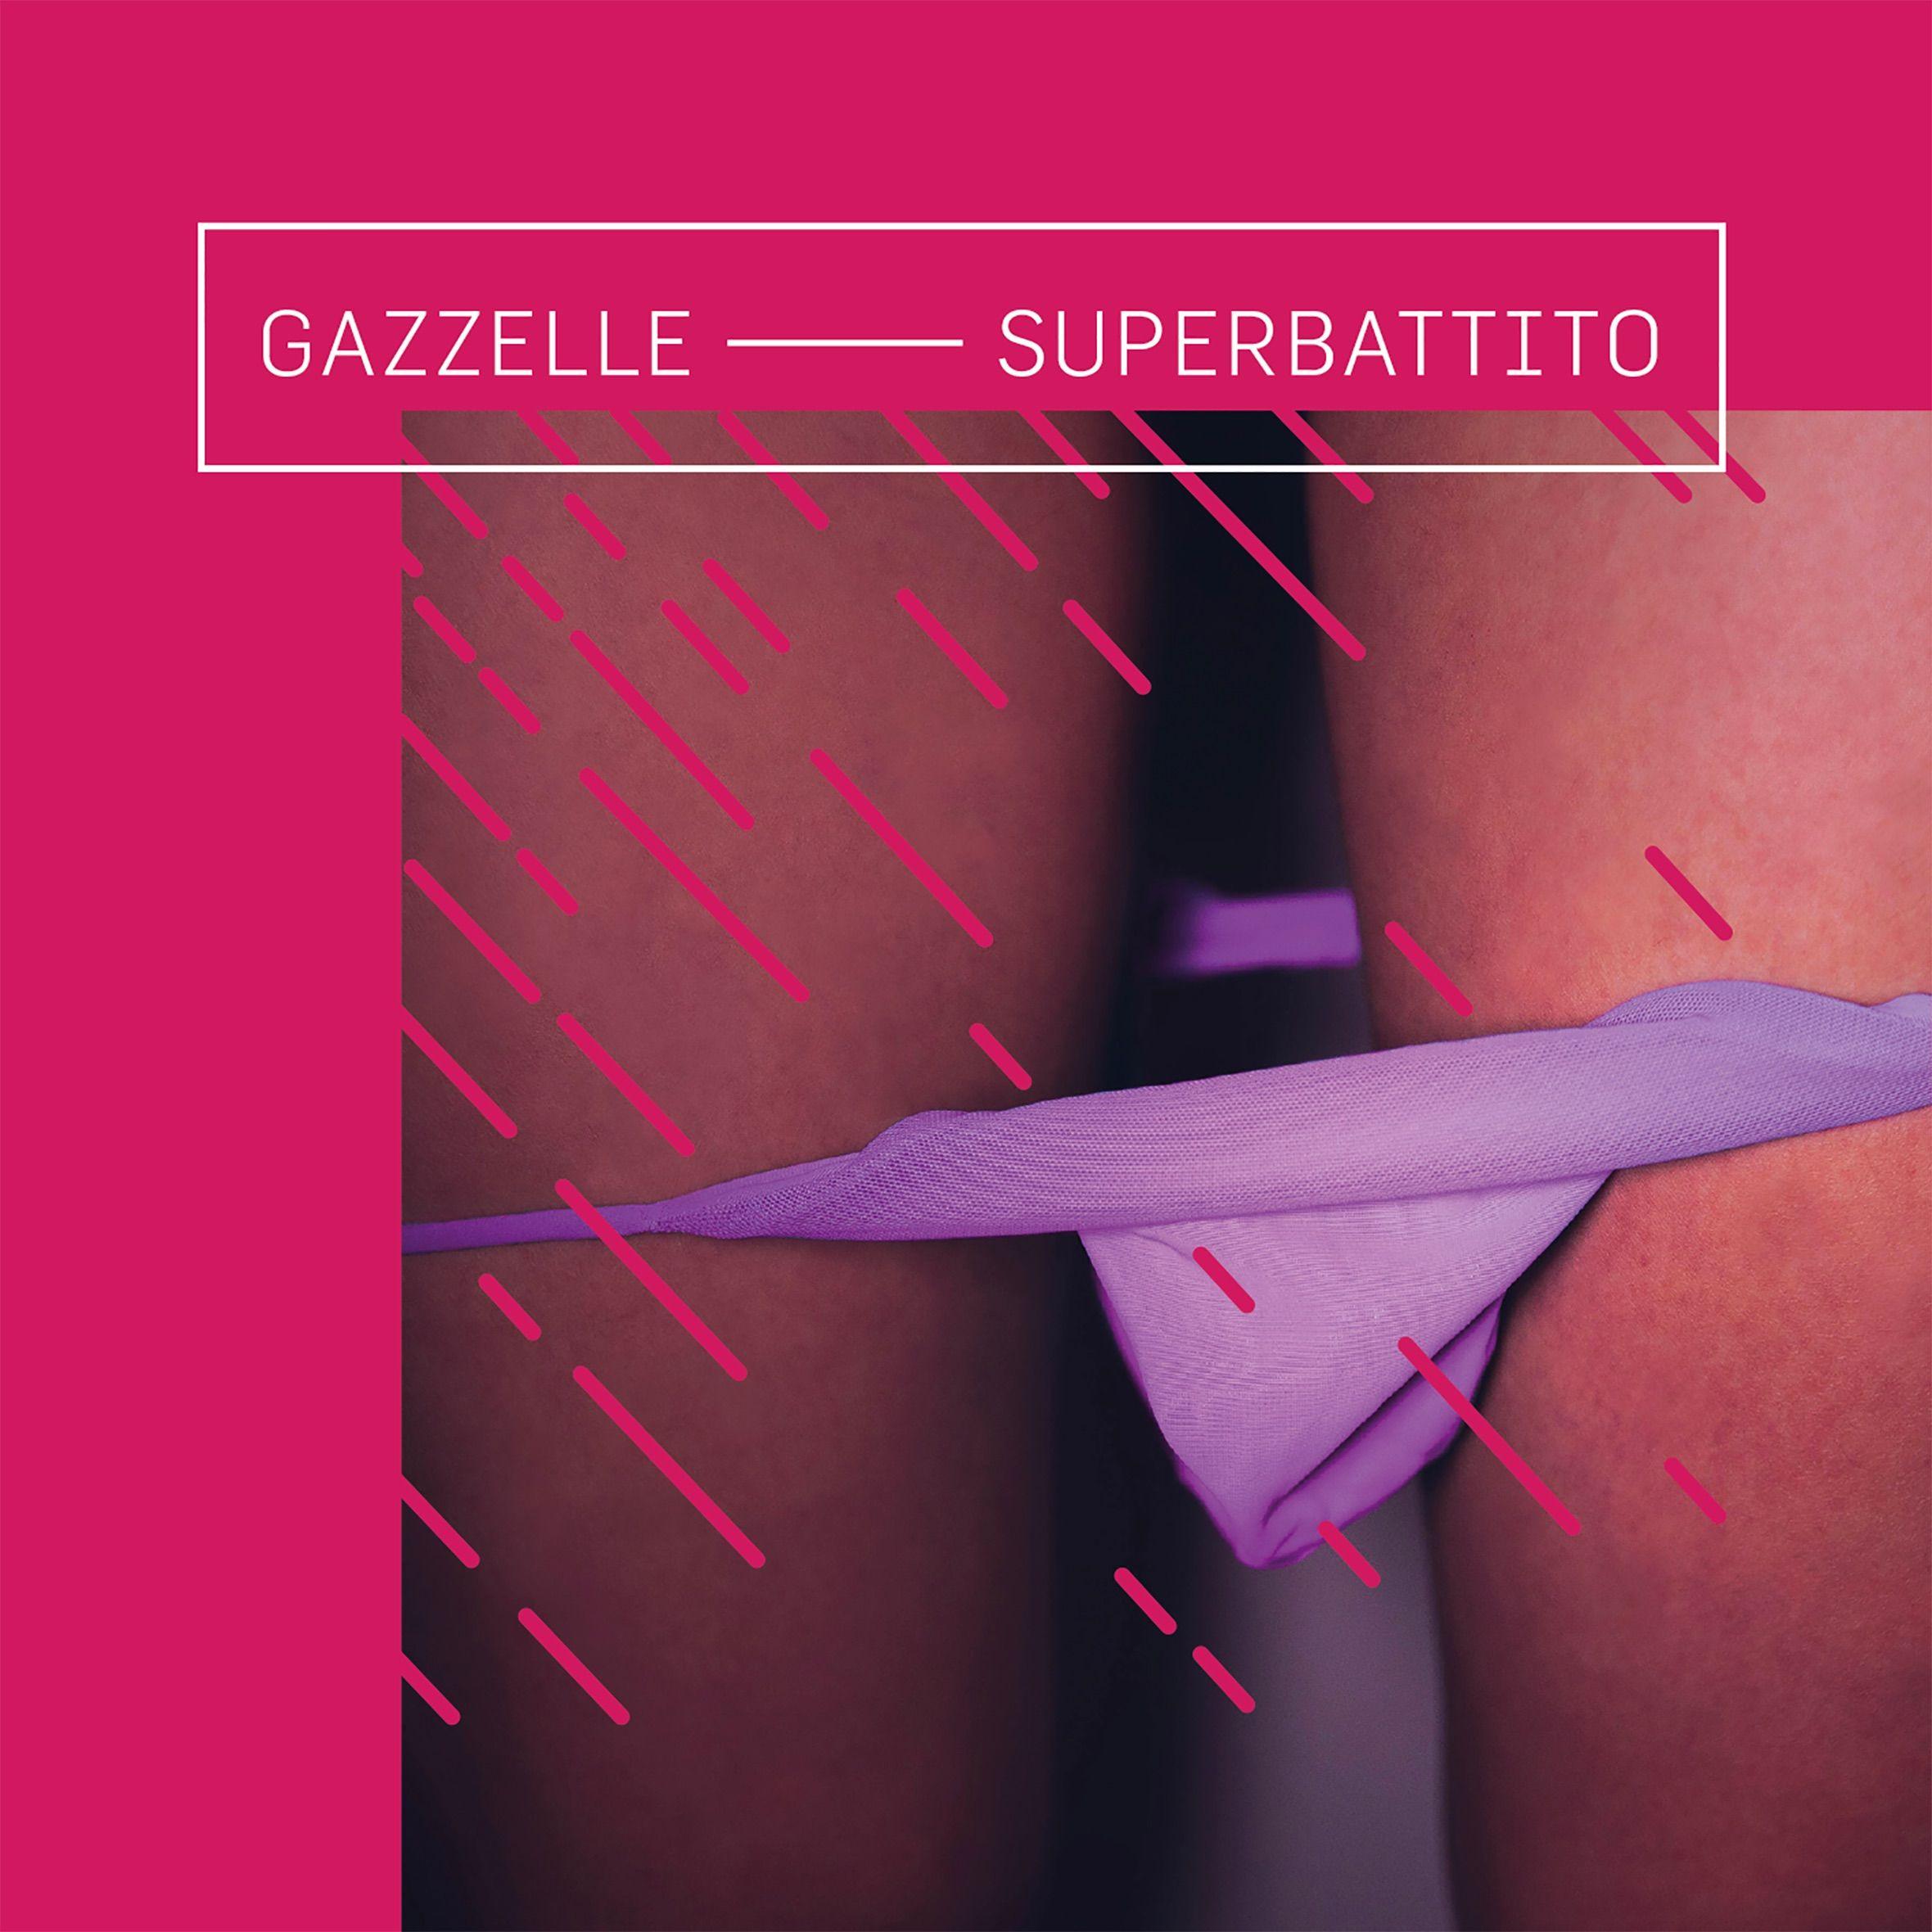 Gazzelle-Superbattito #Gazzelle #Superbattito #indiemusic #indiemusicitalia